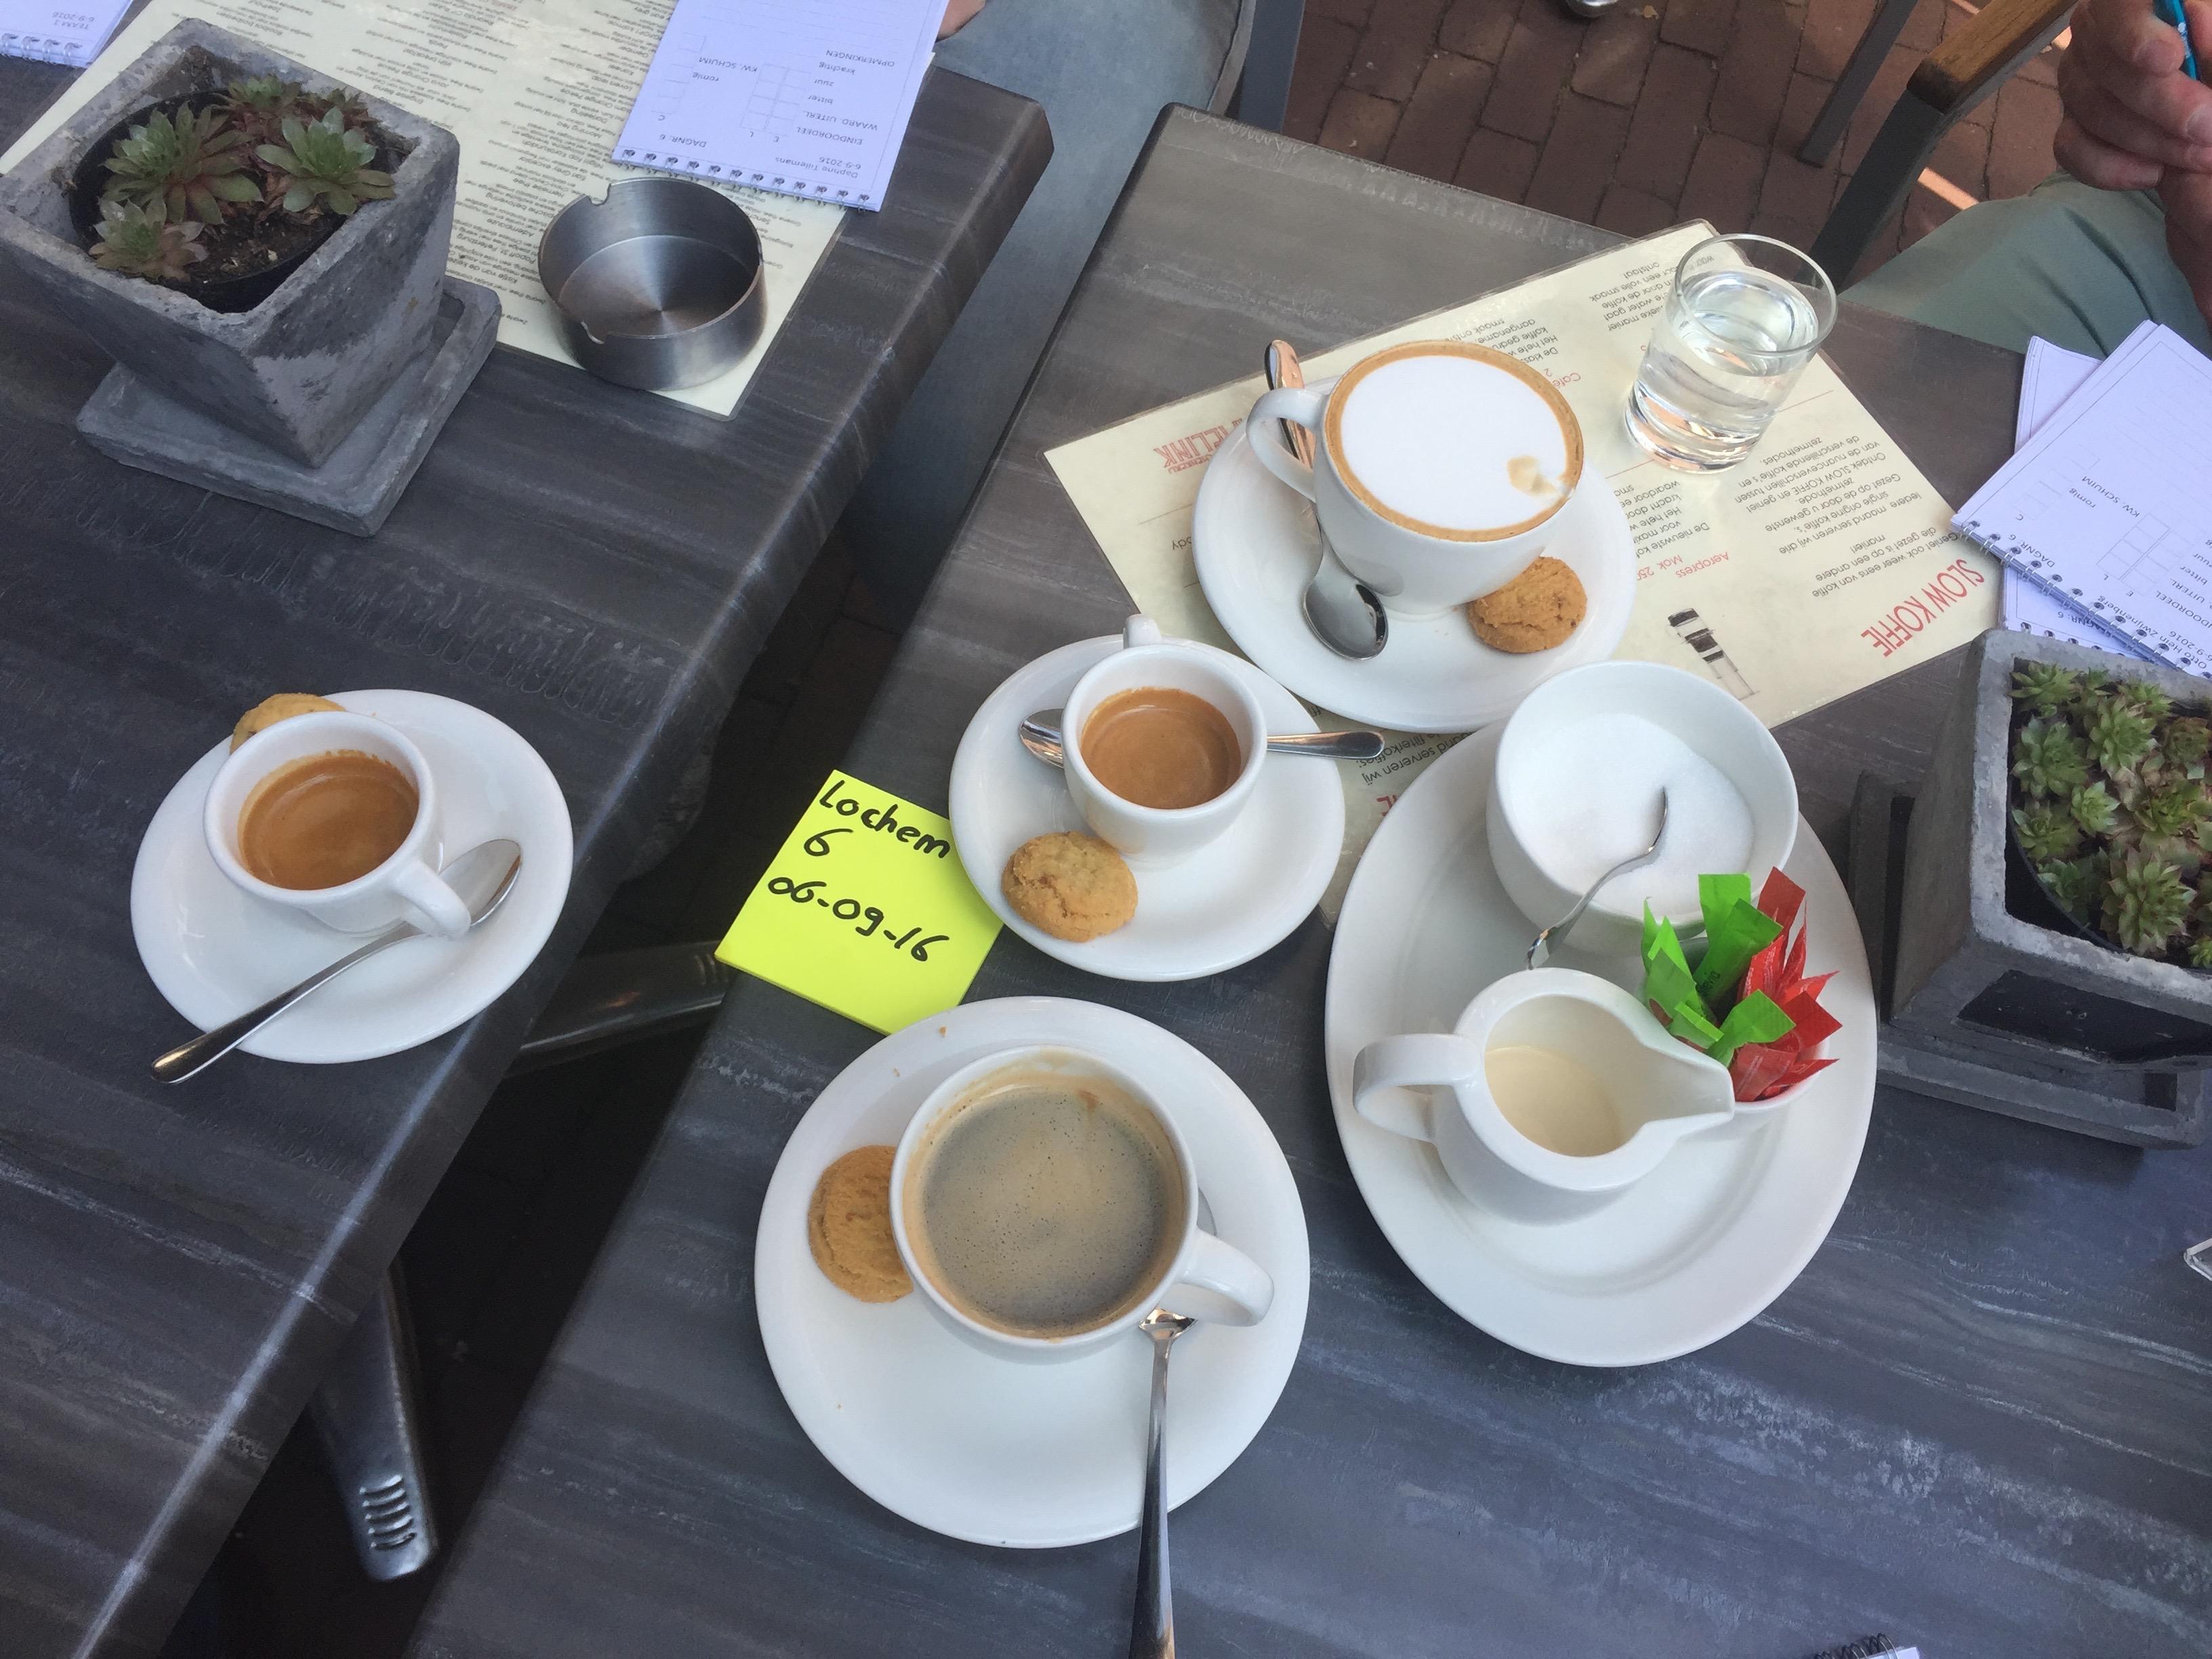 Semmelink koffie- en theeschenkerij